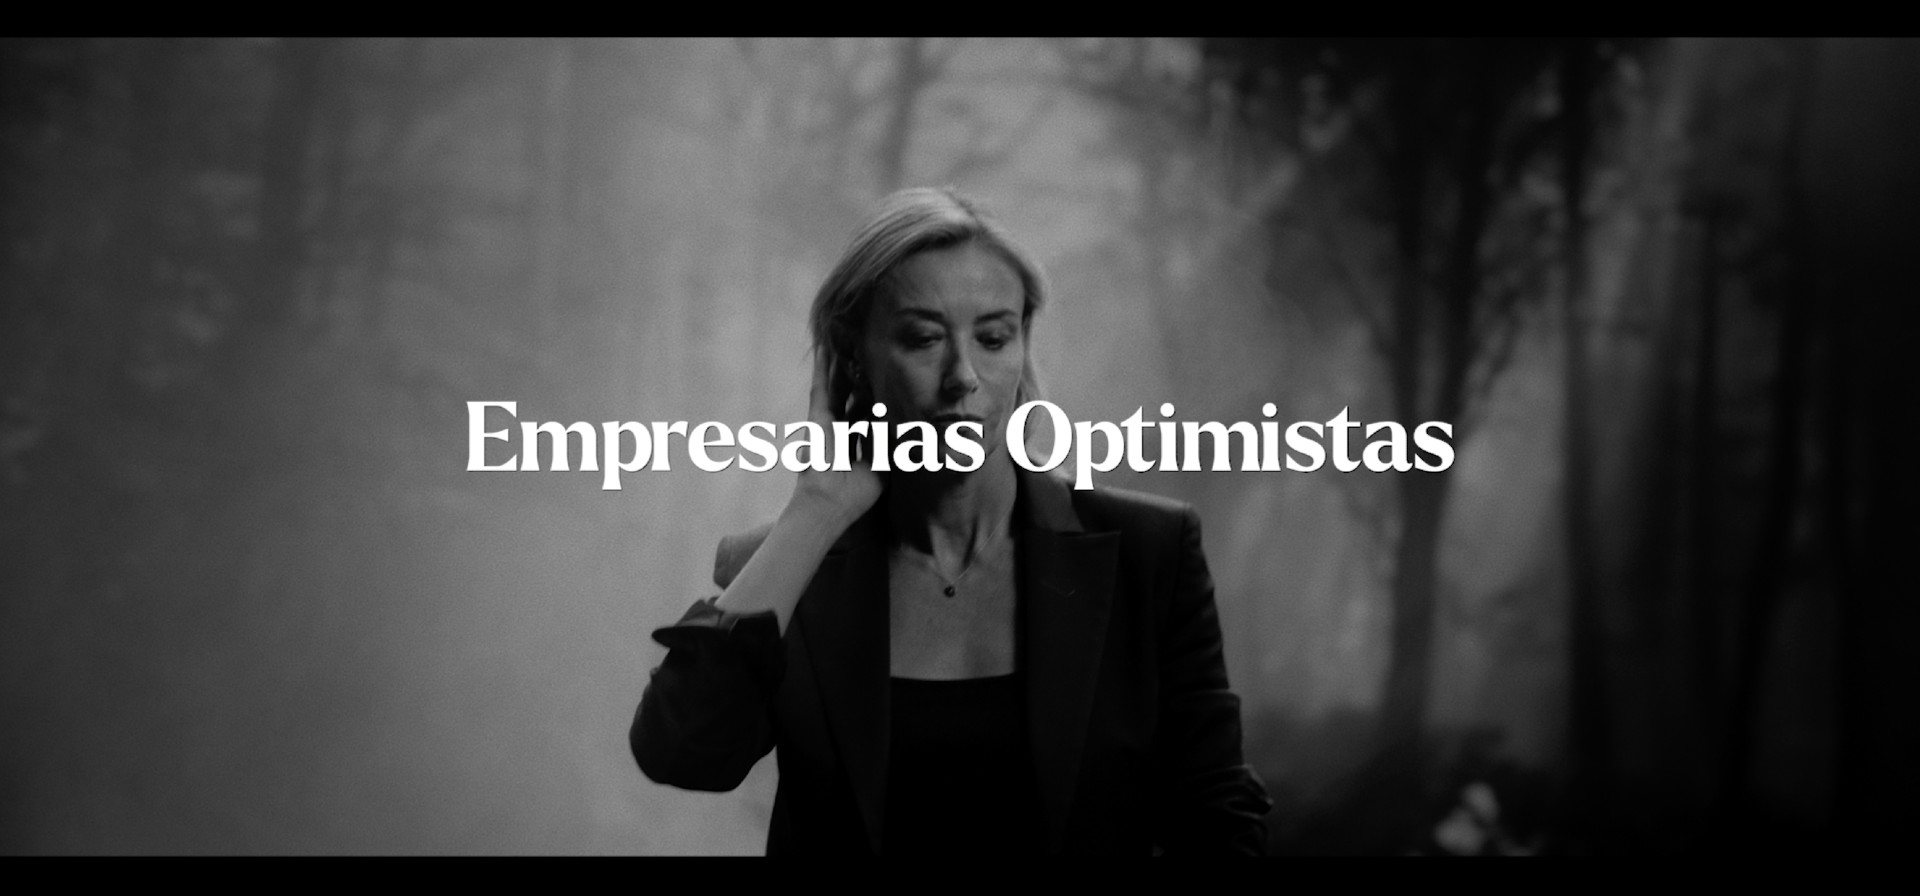 banco-sabadell-empresarios-optimistas